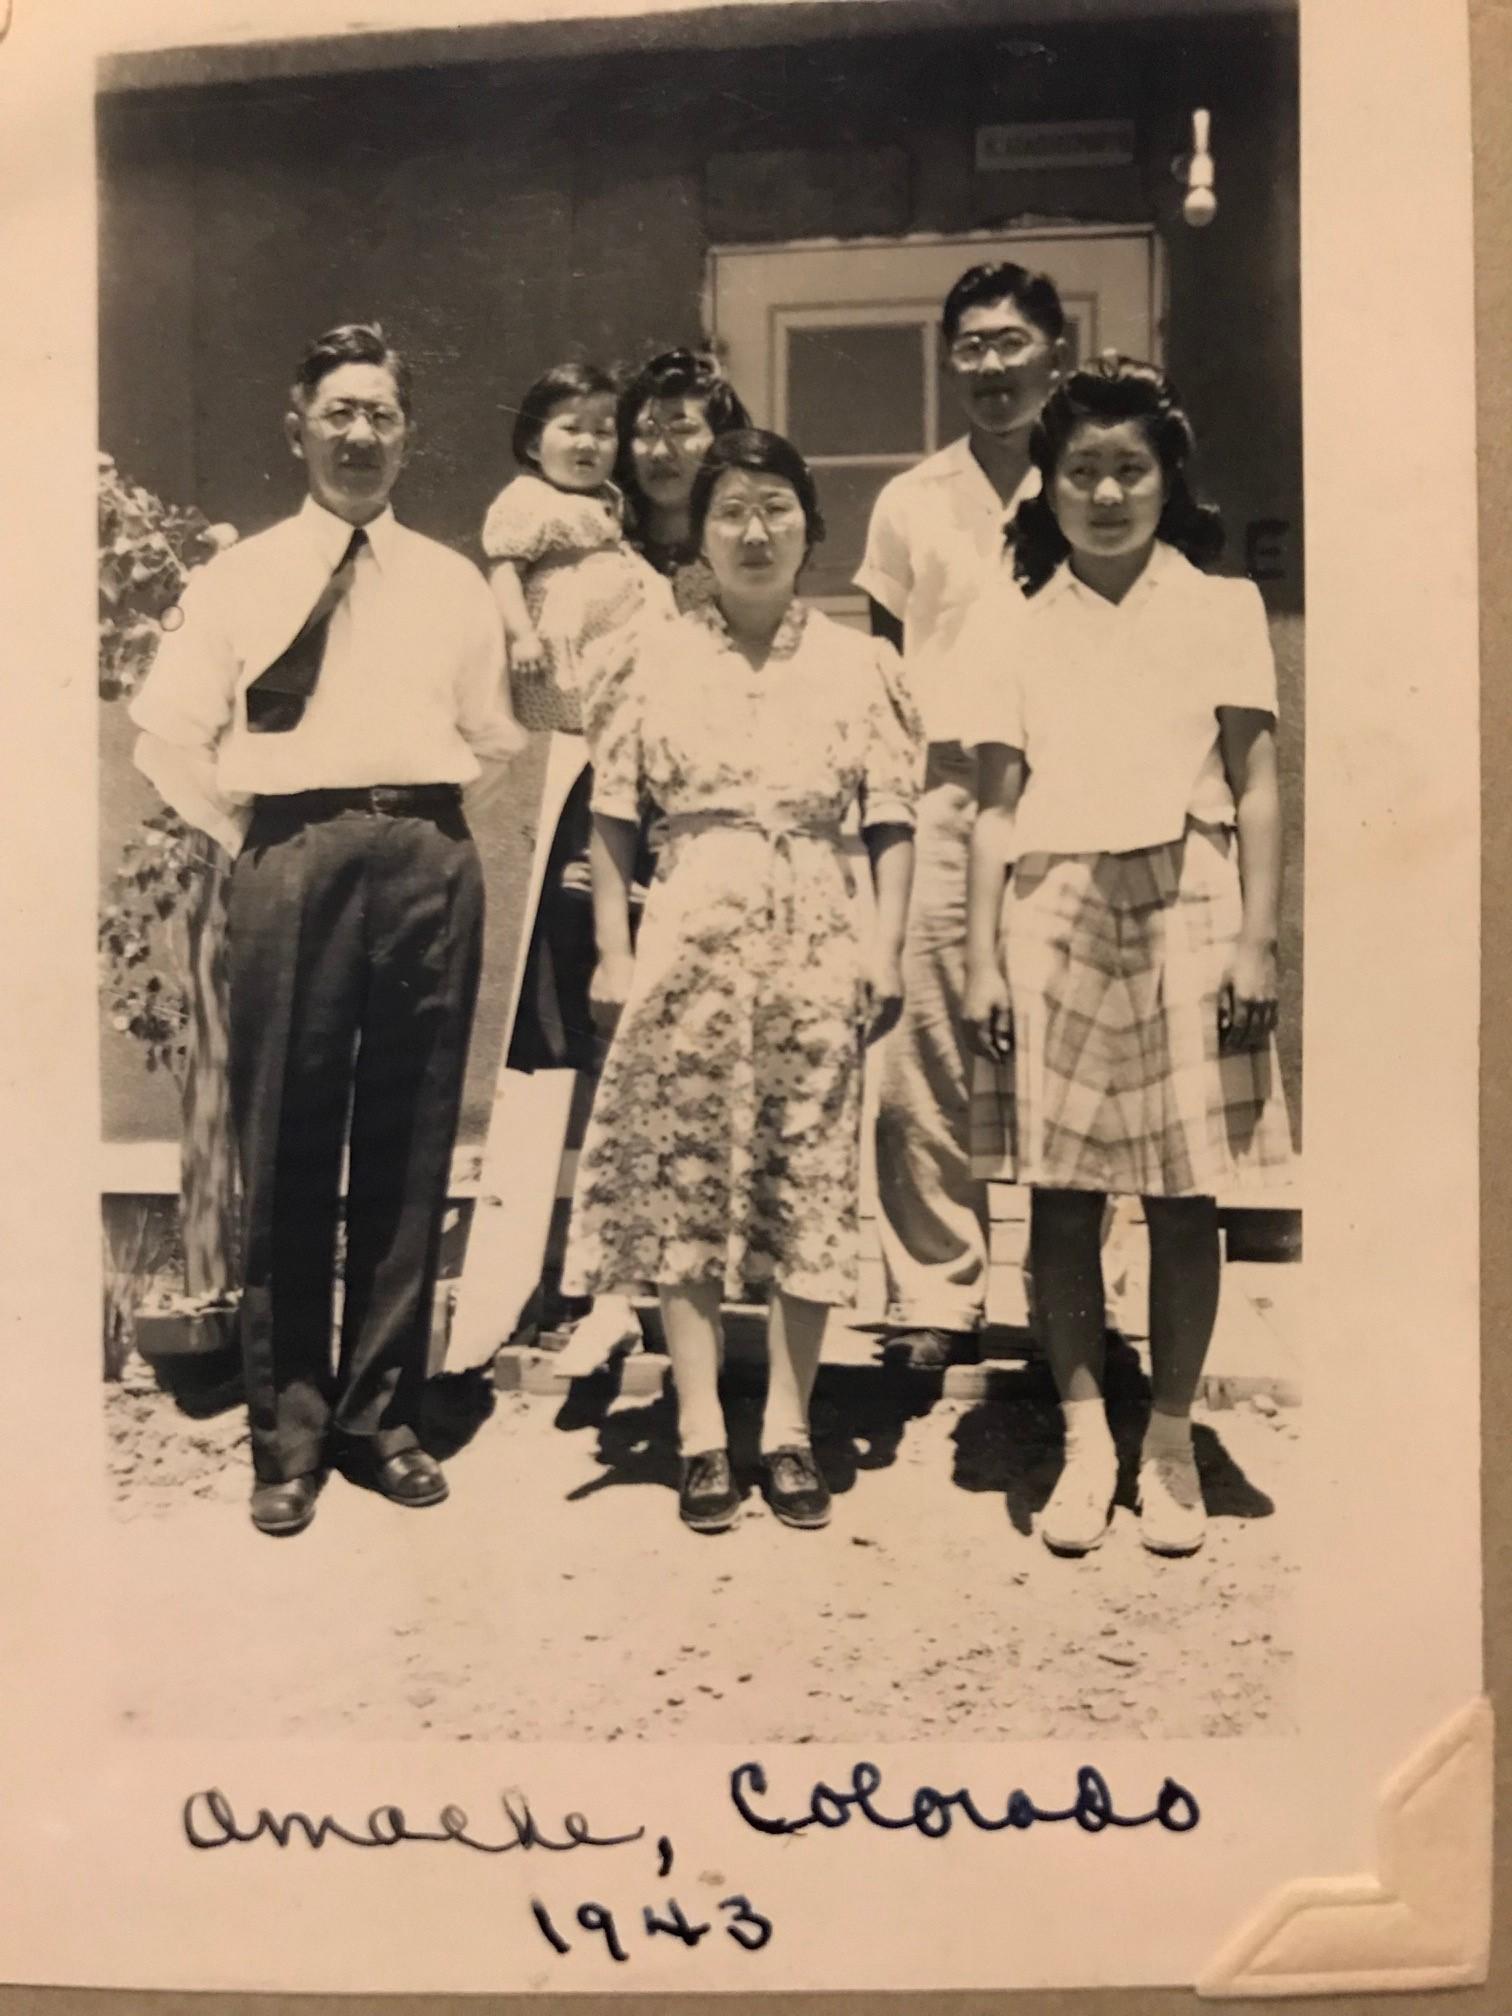 (My family (the Yahiro family) during internment at Amache, Colorado 1943. Photos Courtesy of Yahiro Family)